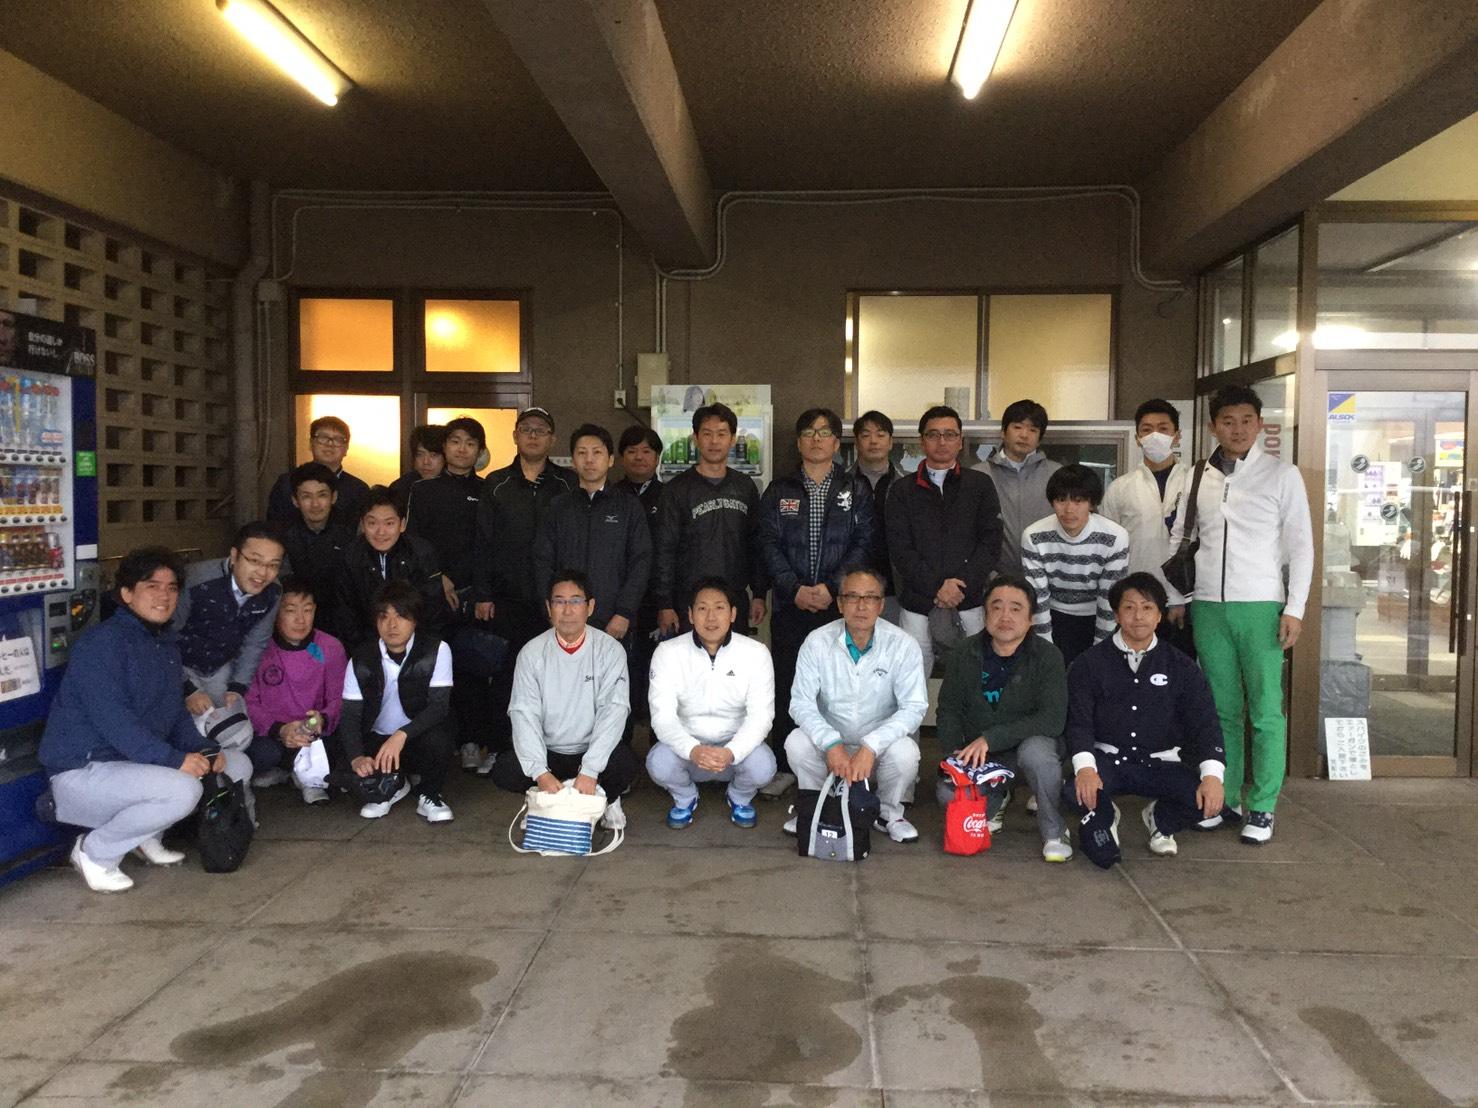 度春季ゴルフ大会